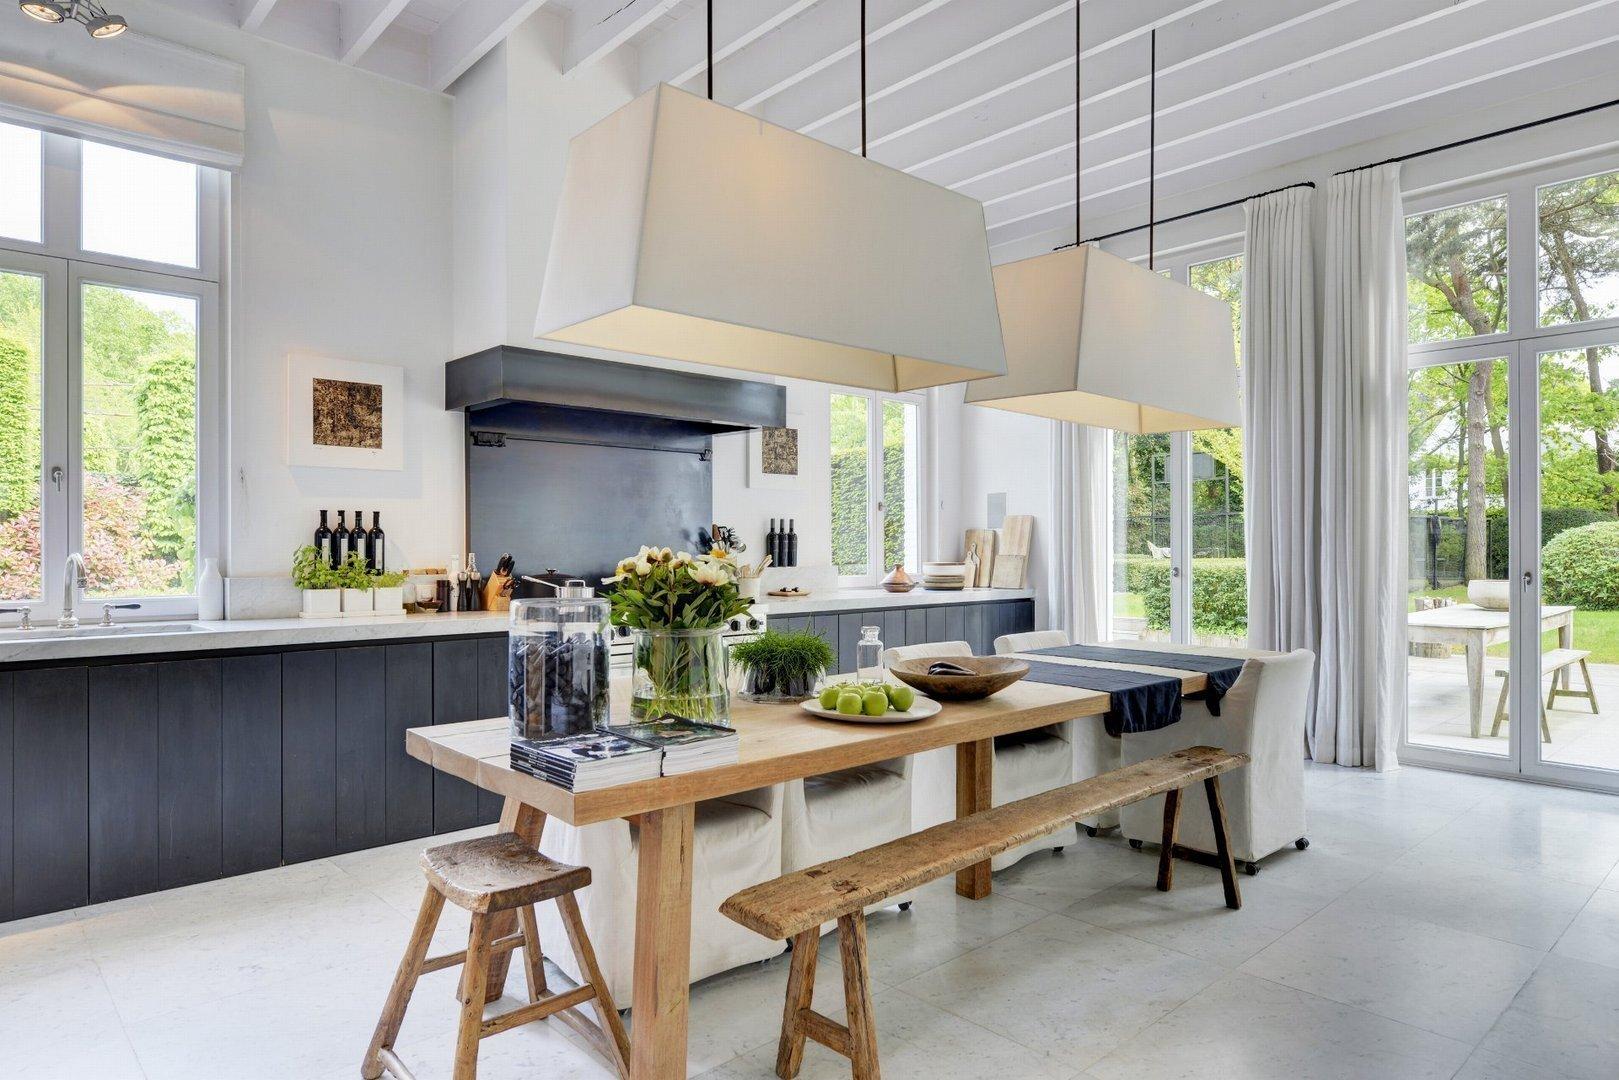 3 tips om de verkoopprijs van je woning op te waarderen